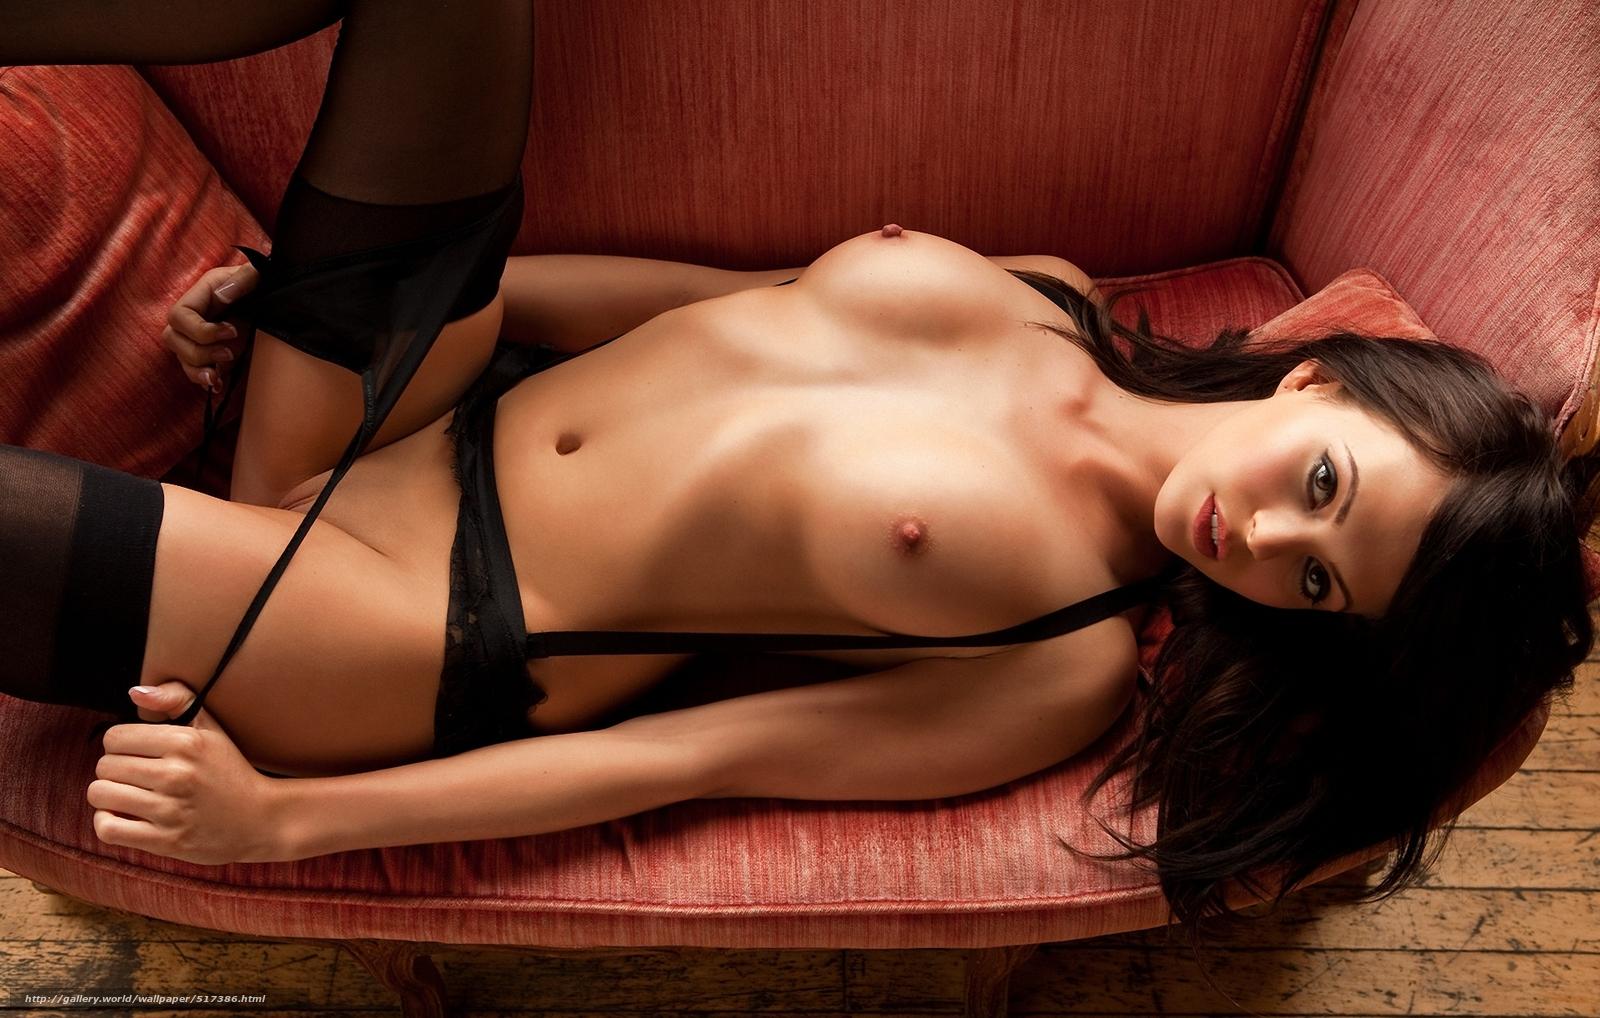 Снимок голой девушки 10 фотография